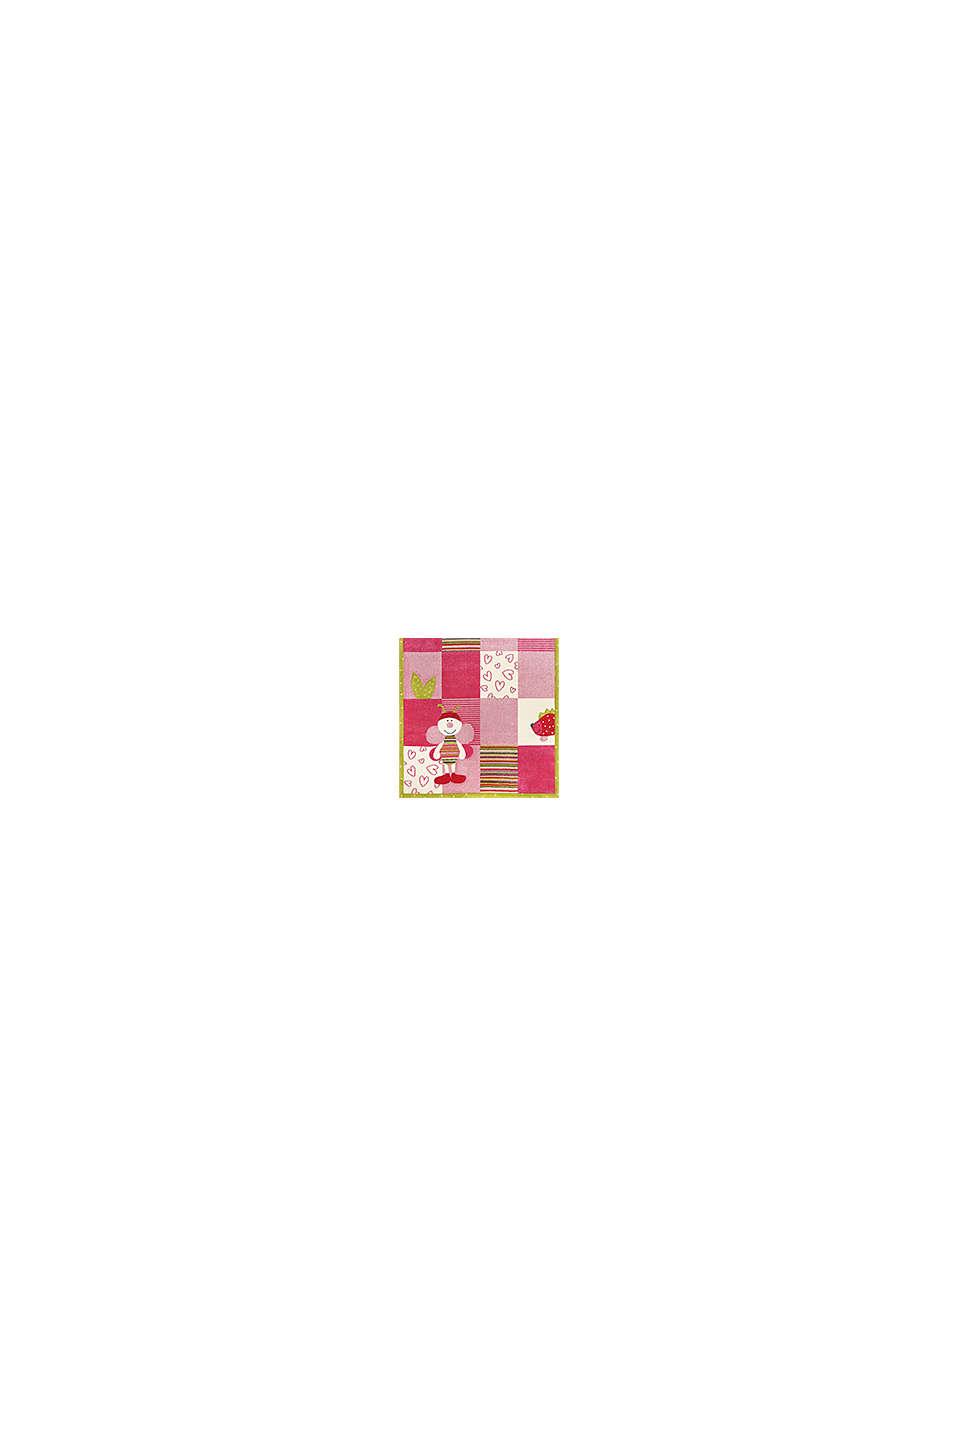 Kurzflor Kinderteppich mit niedlichen Tieren, PINK FUCHSIA, swatch